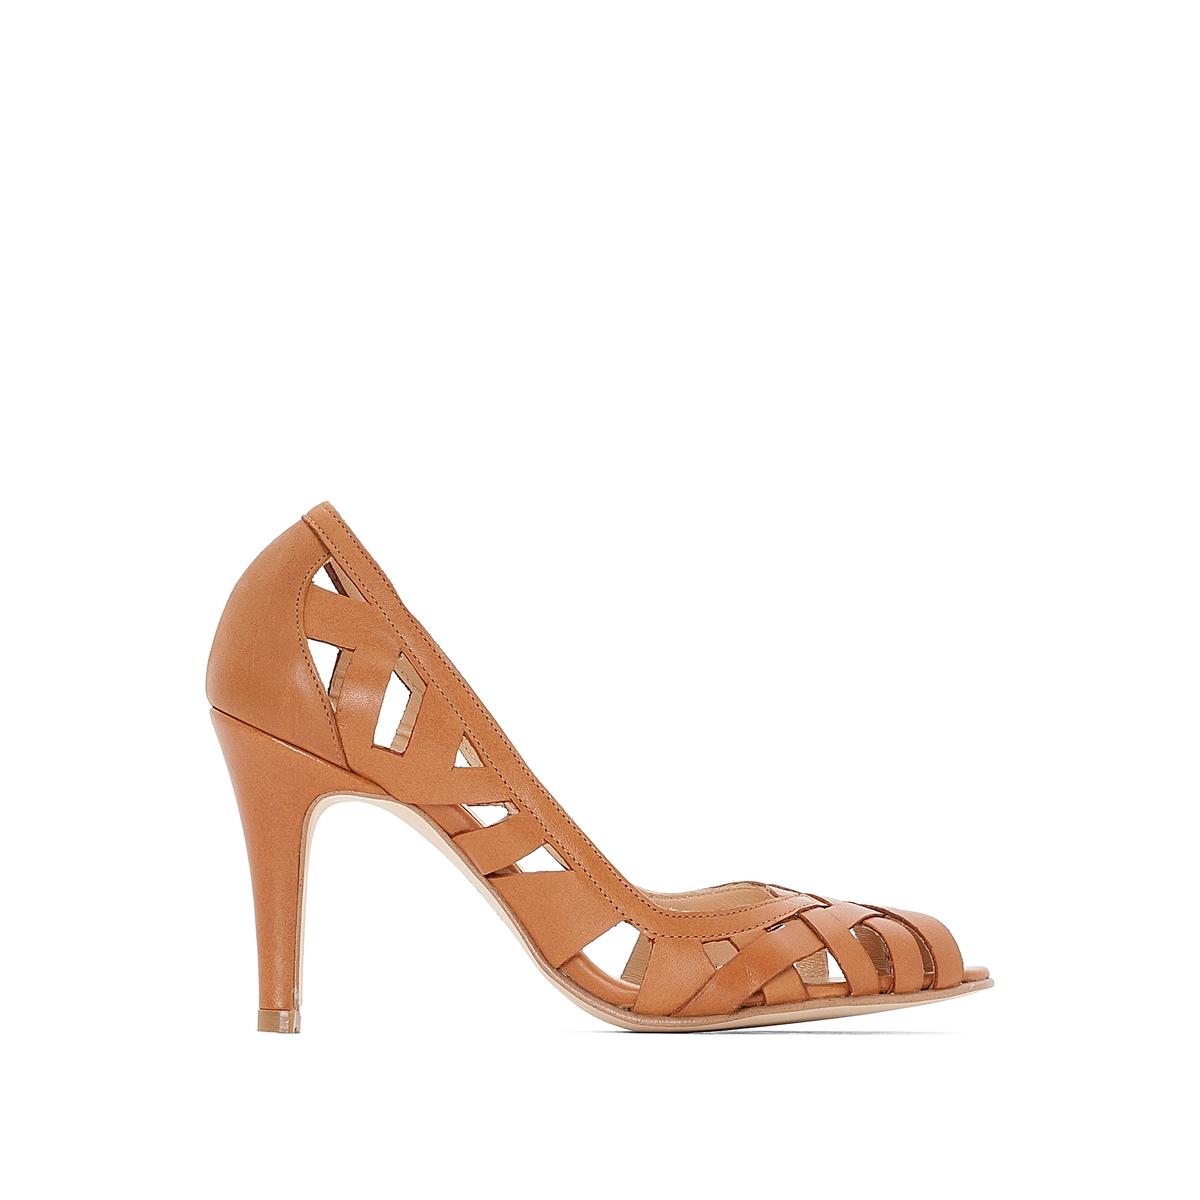 Туфли кожаные DjenyВерх : Кожа.   Подкладка : Кожа.   Стелька : Кожа.   Подошва : эластомер   Высота каблука : 8 см   Форма каблука : шпилька   Мысок : закругленный   Застежка : без застежки<br><br>Цвет: коньячный<br>Размер: 39